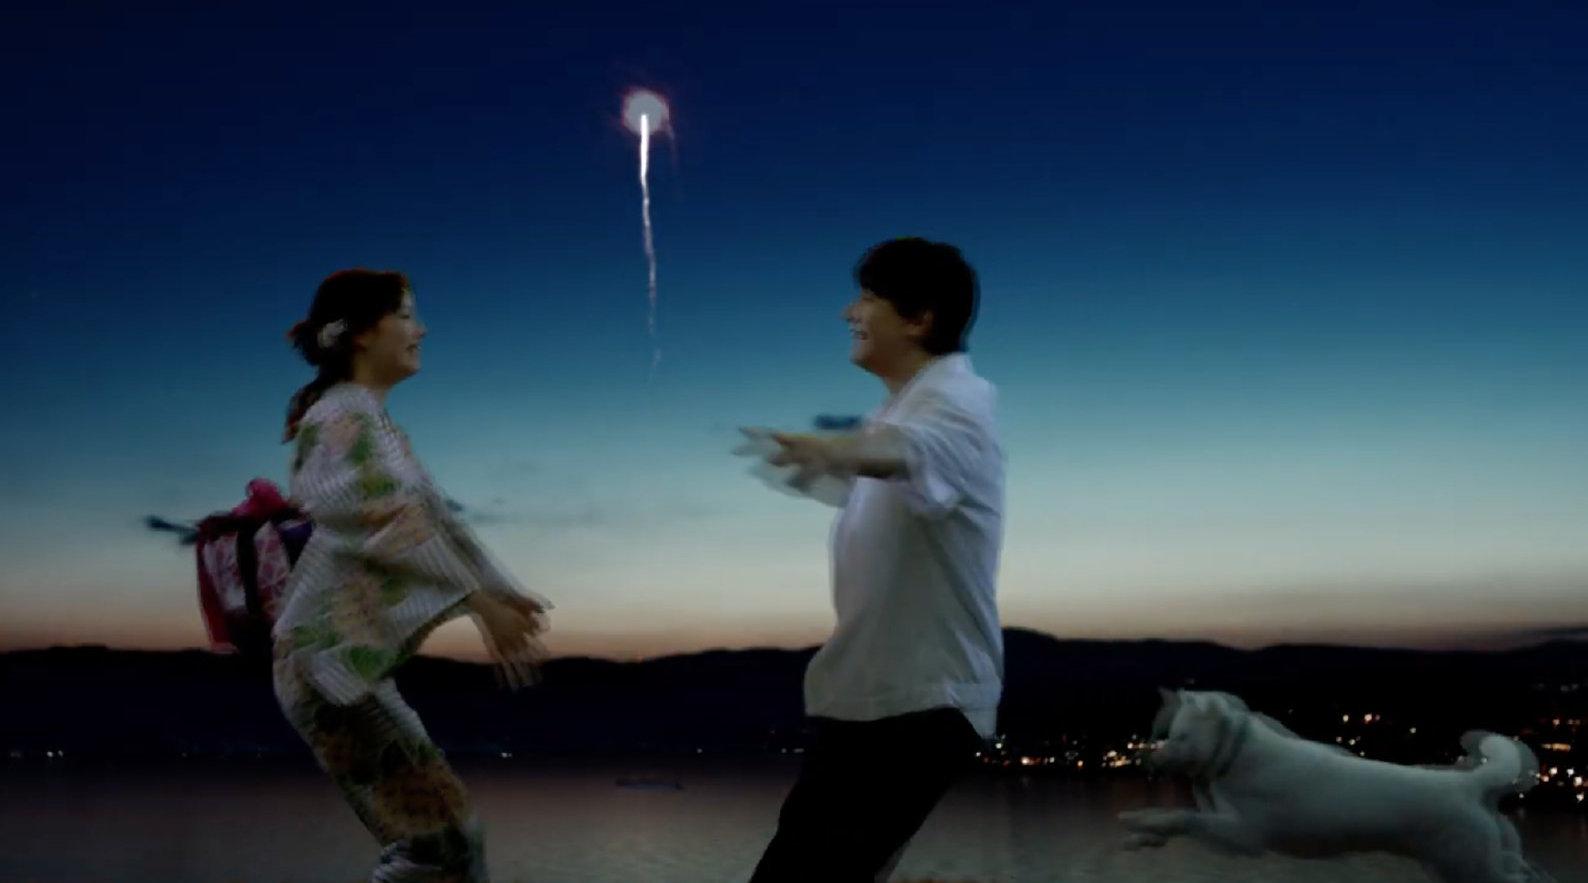 吉泽亮和广濑铃为softbank出演CM。夏日祭,烟火大会为舞台背景